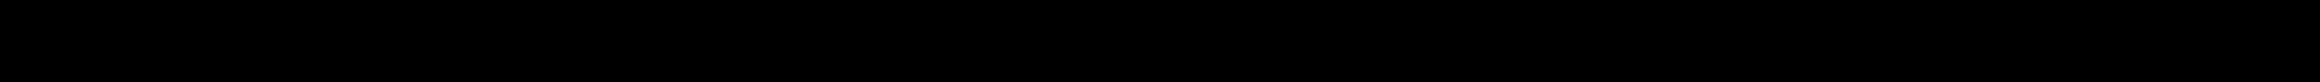 BREMBO 5892737, 71737178, 71737179, 71769056, 71770985 Bremsbelagsatz, Scheibenbremse